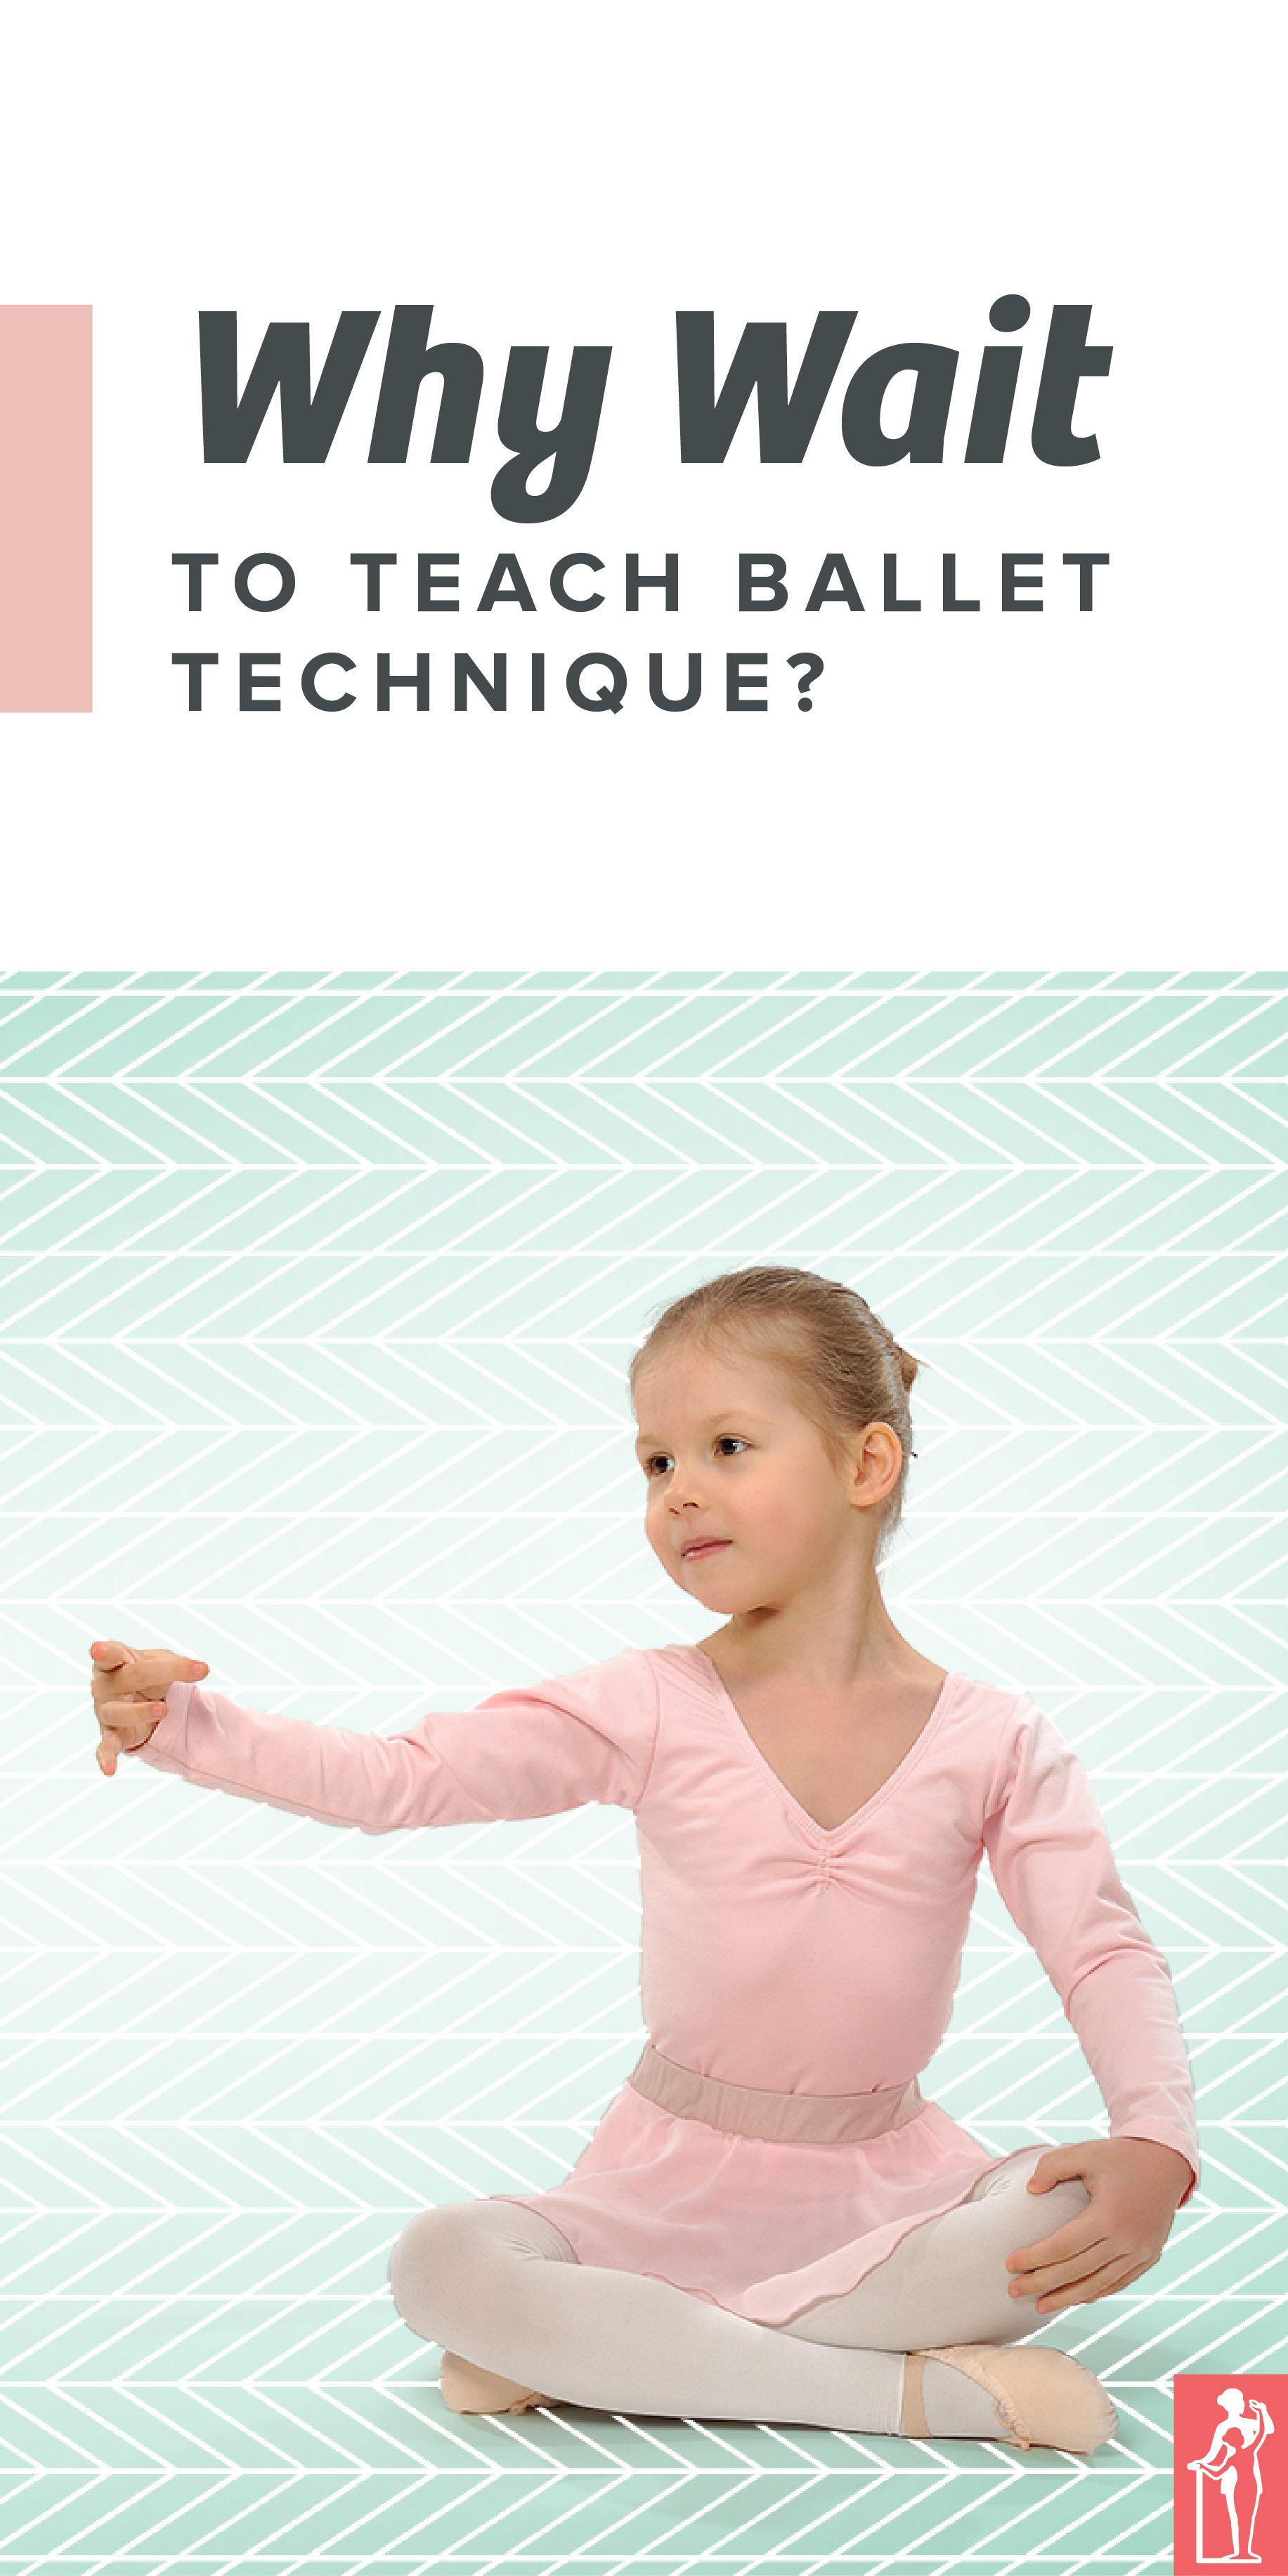 57ed1c23e422 Why Wait to Teach Ballet Technique